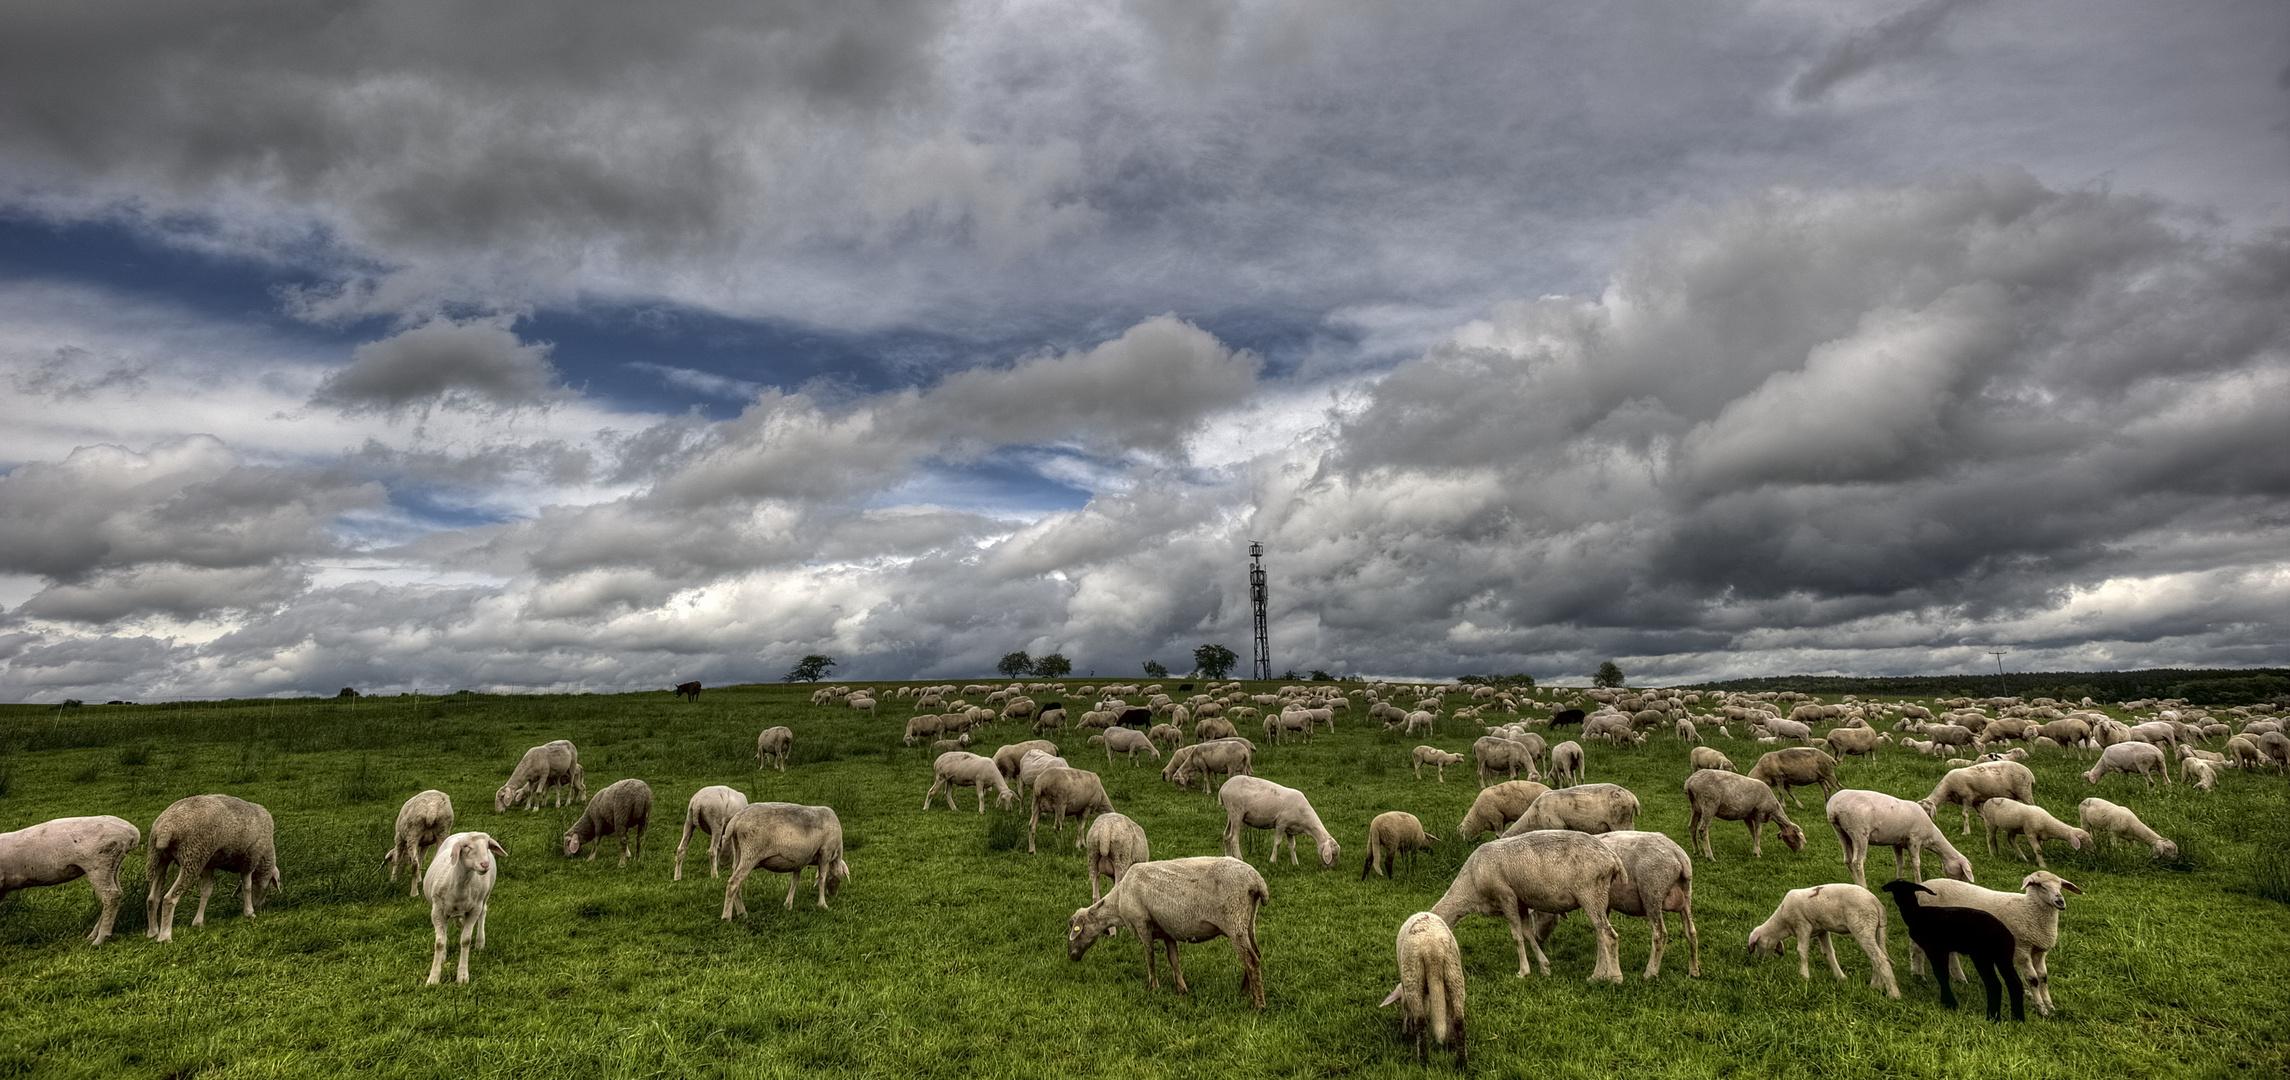 Schafe auf der Weide mit dramatischem Wolkenhimmel